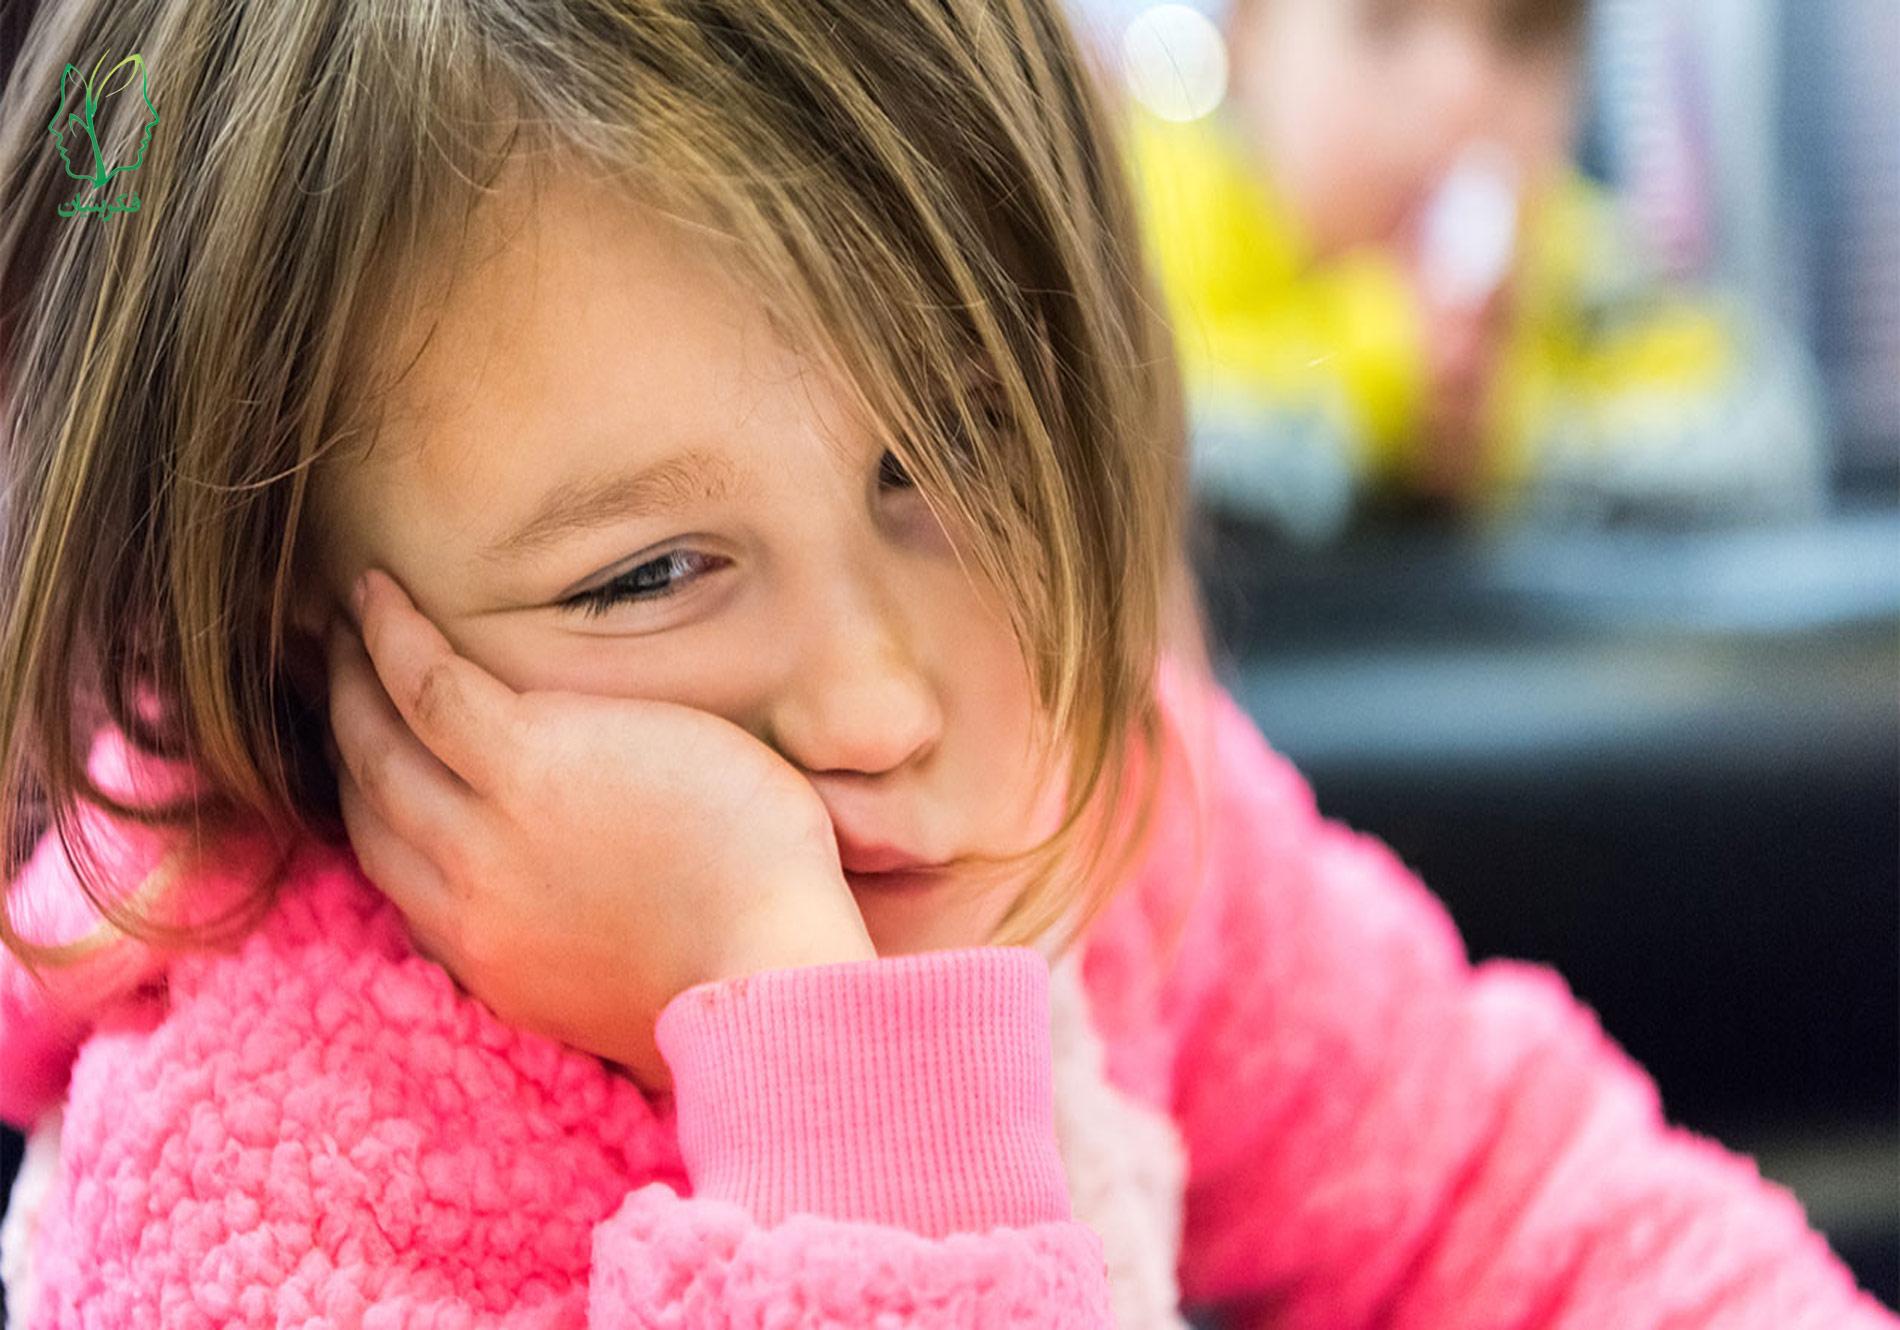 بیقراری کودکان چه دلایلی میتواند داشته باشد؟